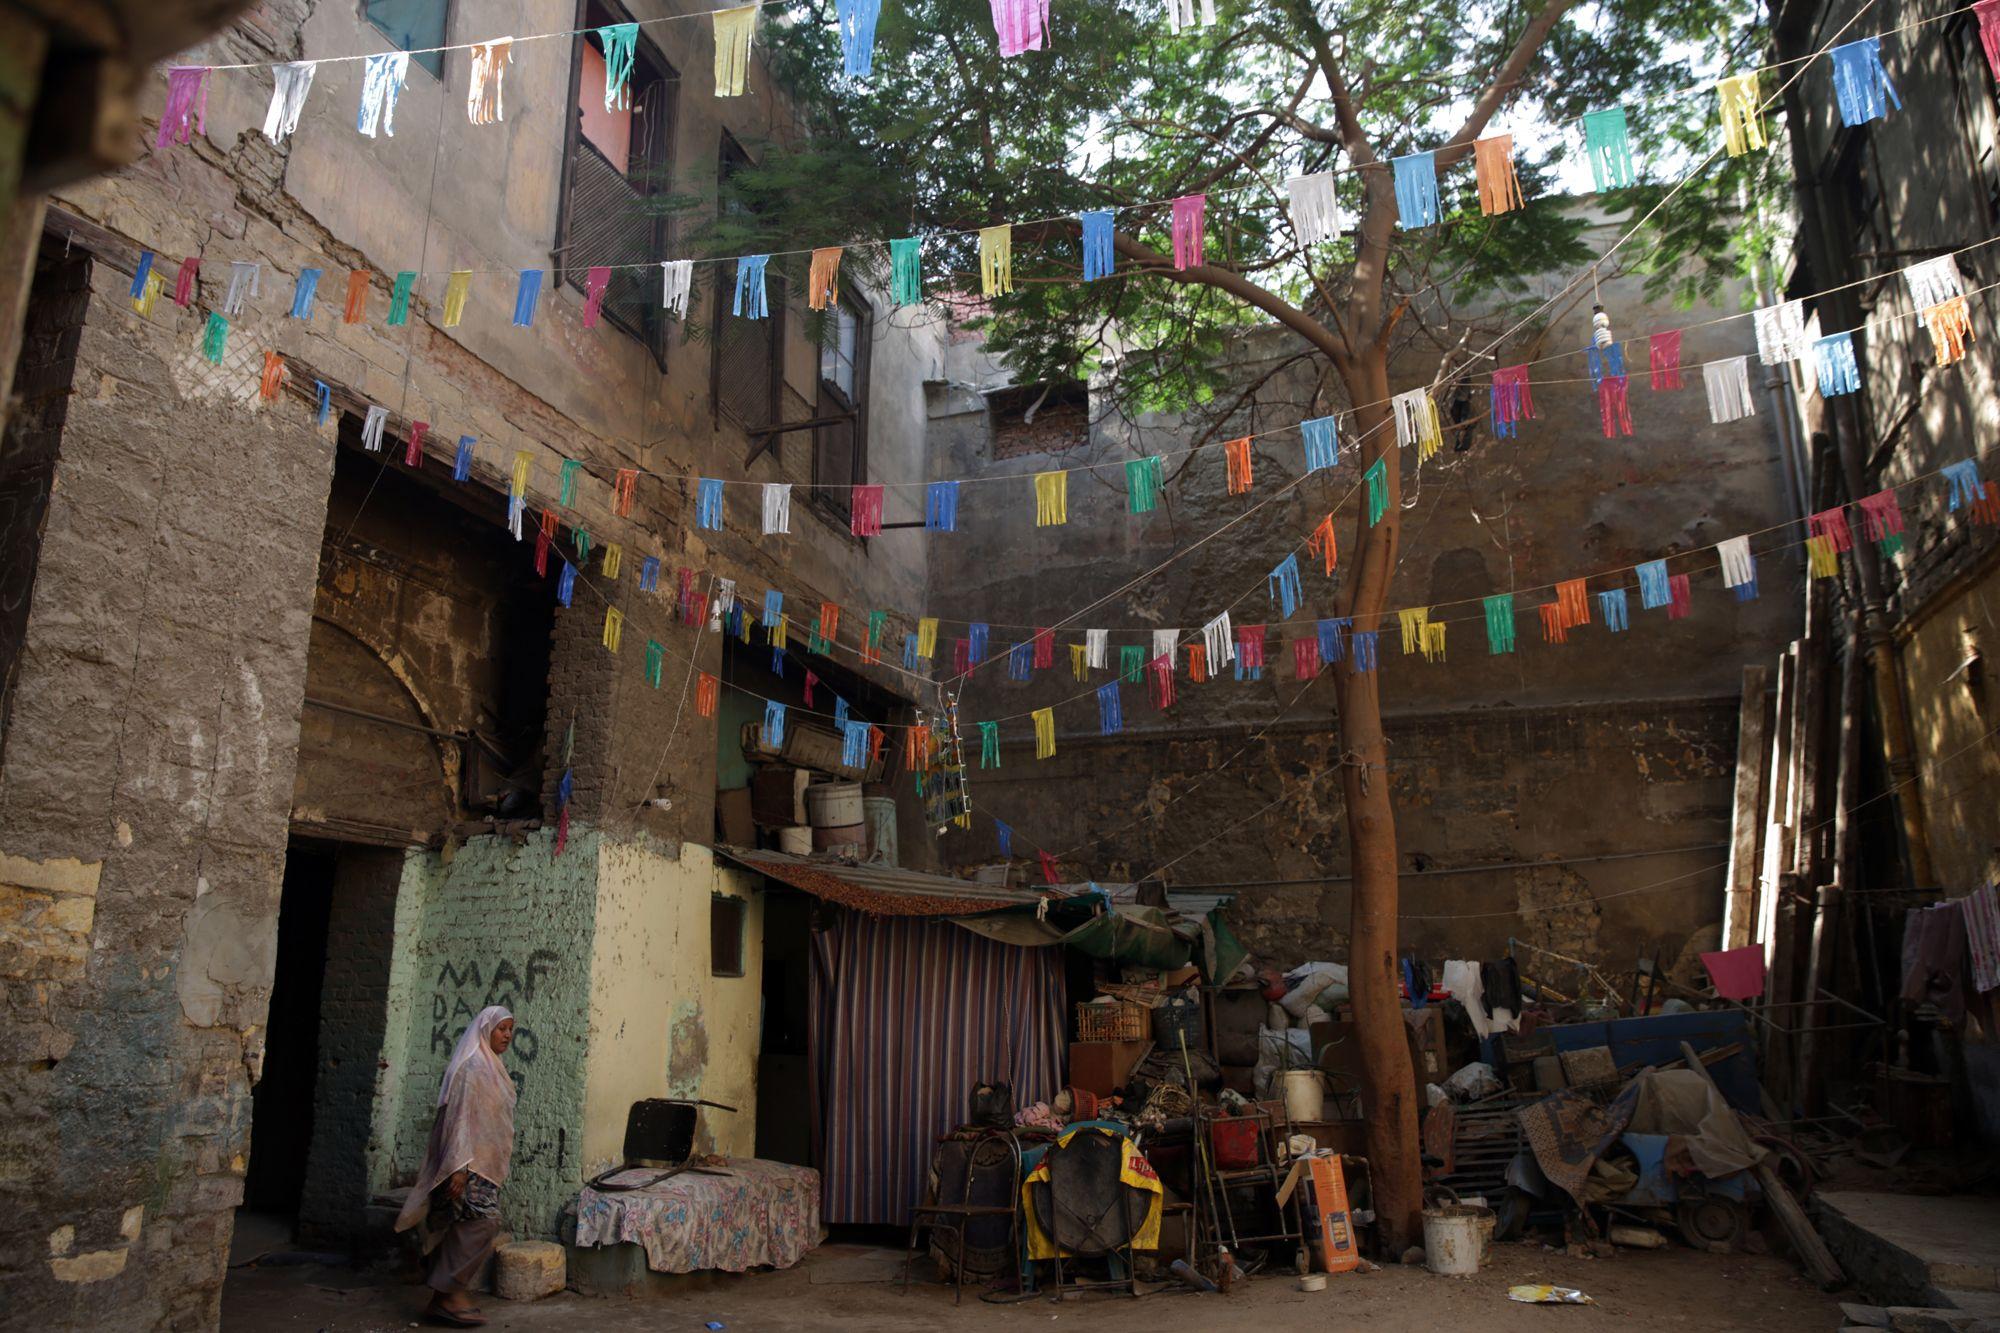 منزل من طابقين بـ«سويقة الالا»، يُنسب إلى داوود باشا